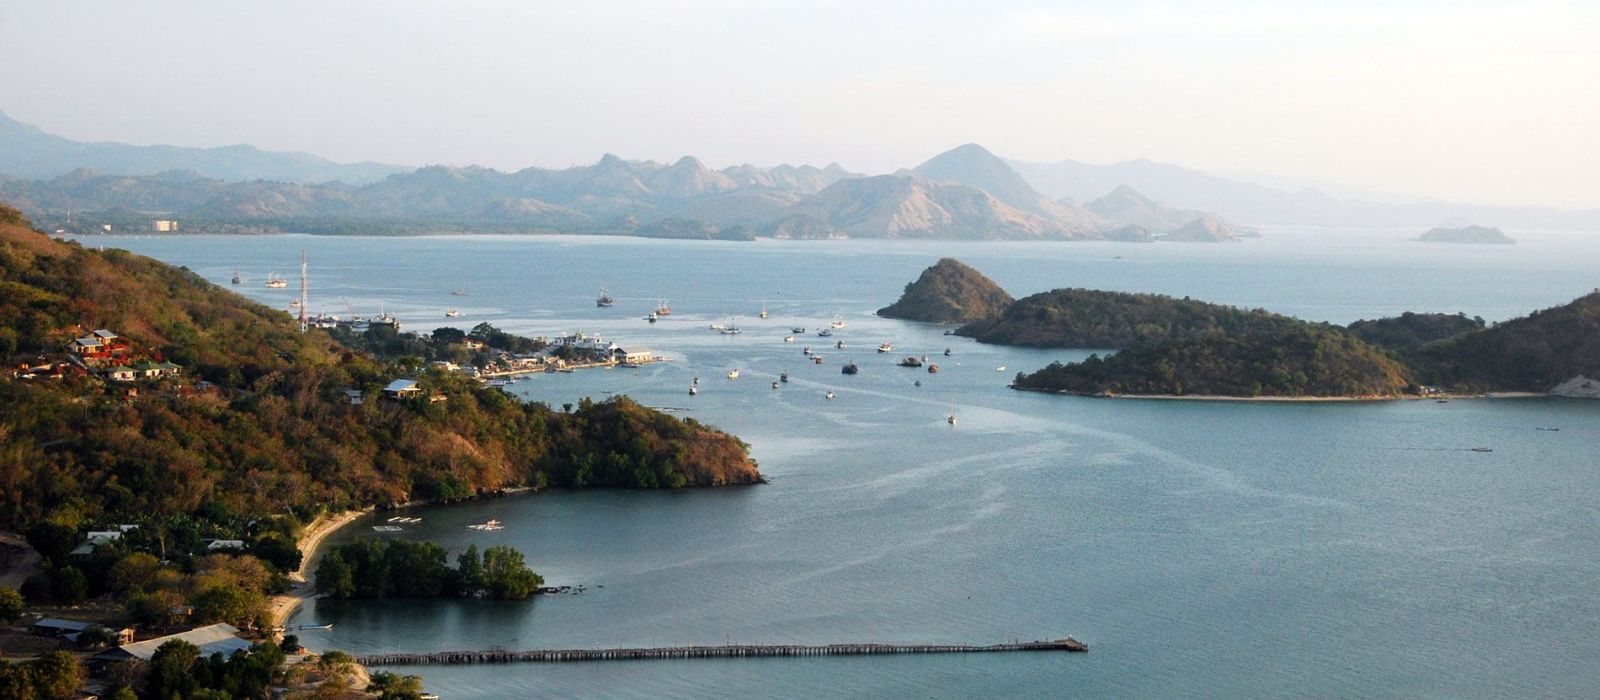 Auf Asien Tour mit Reisebloggern - Reiseberichte aus Asien